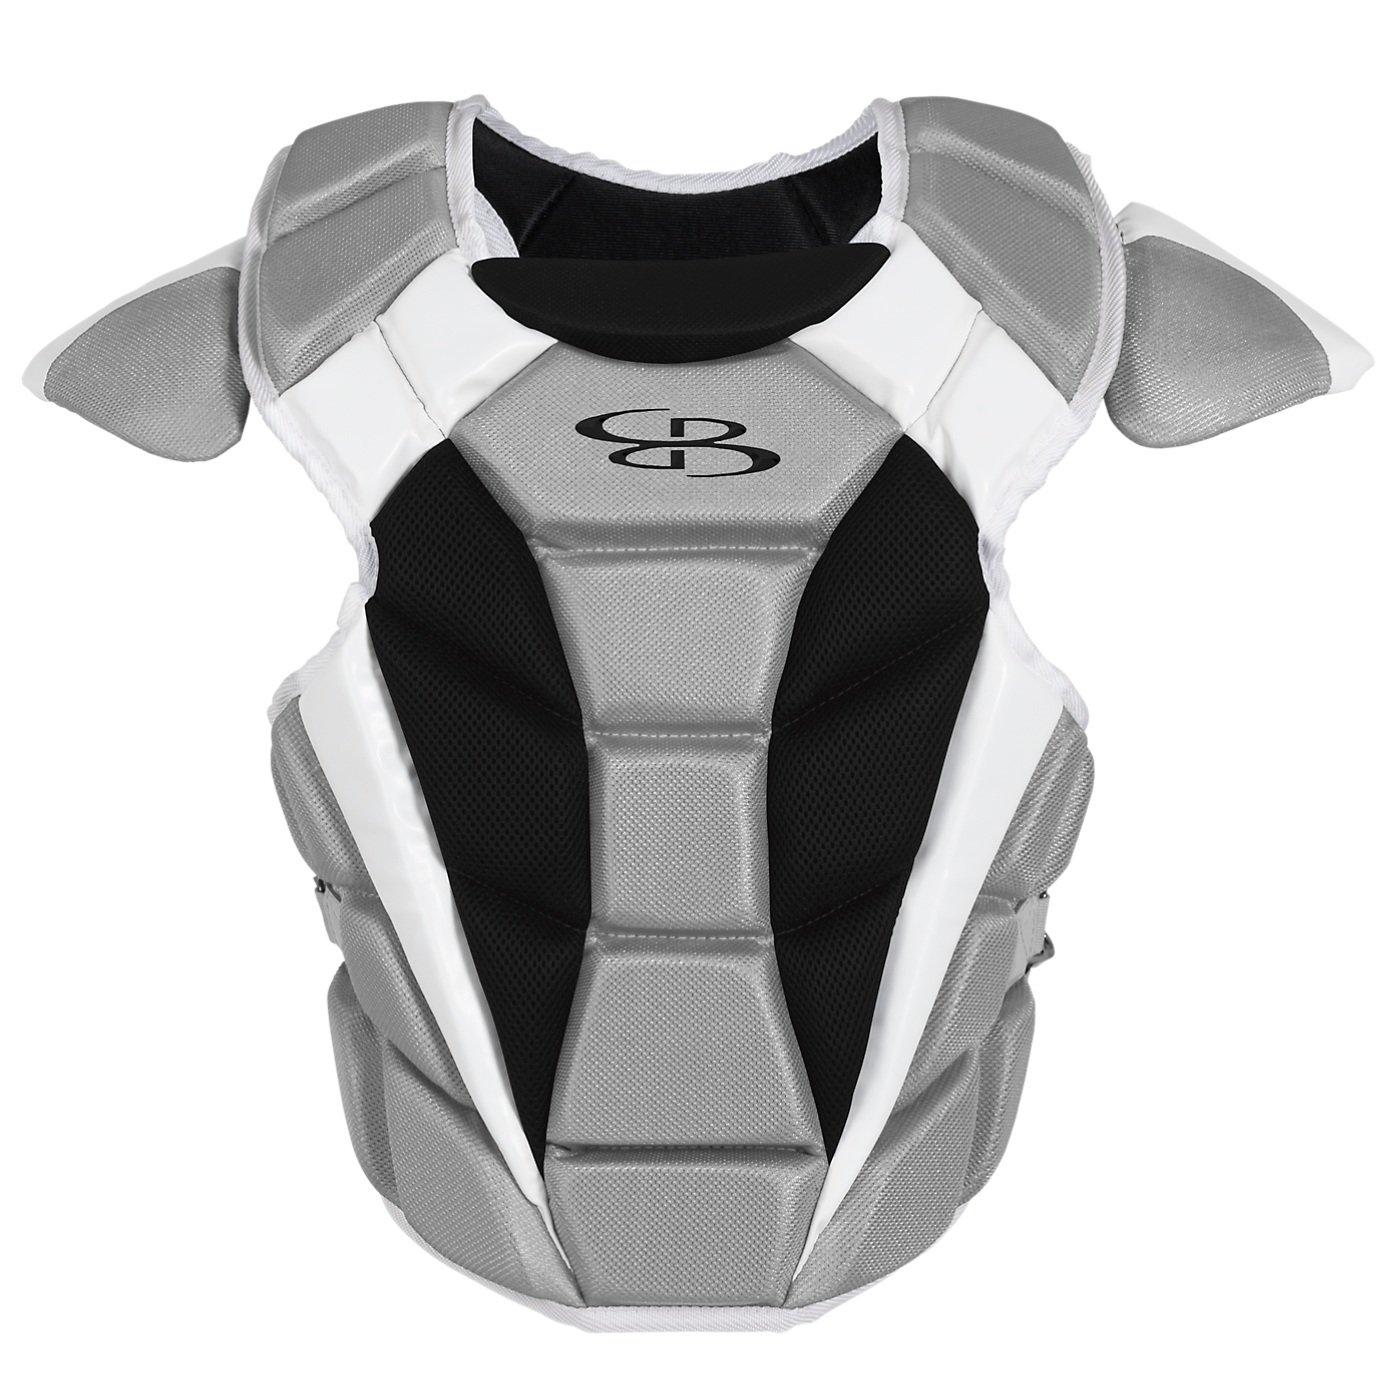 Boombah Defconメンズ野球/ソフトボール胸プロテクター – 複数色 – 複数のサイズ B01NBE7OCMブラック/グレー Adult-16.5\